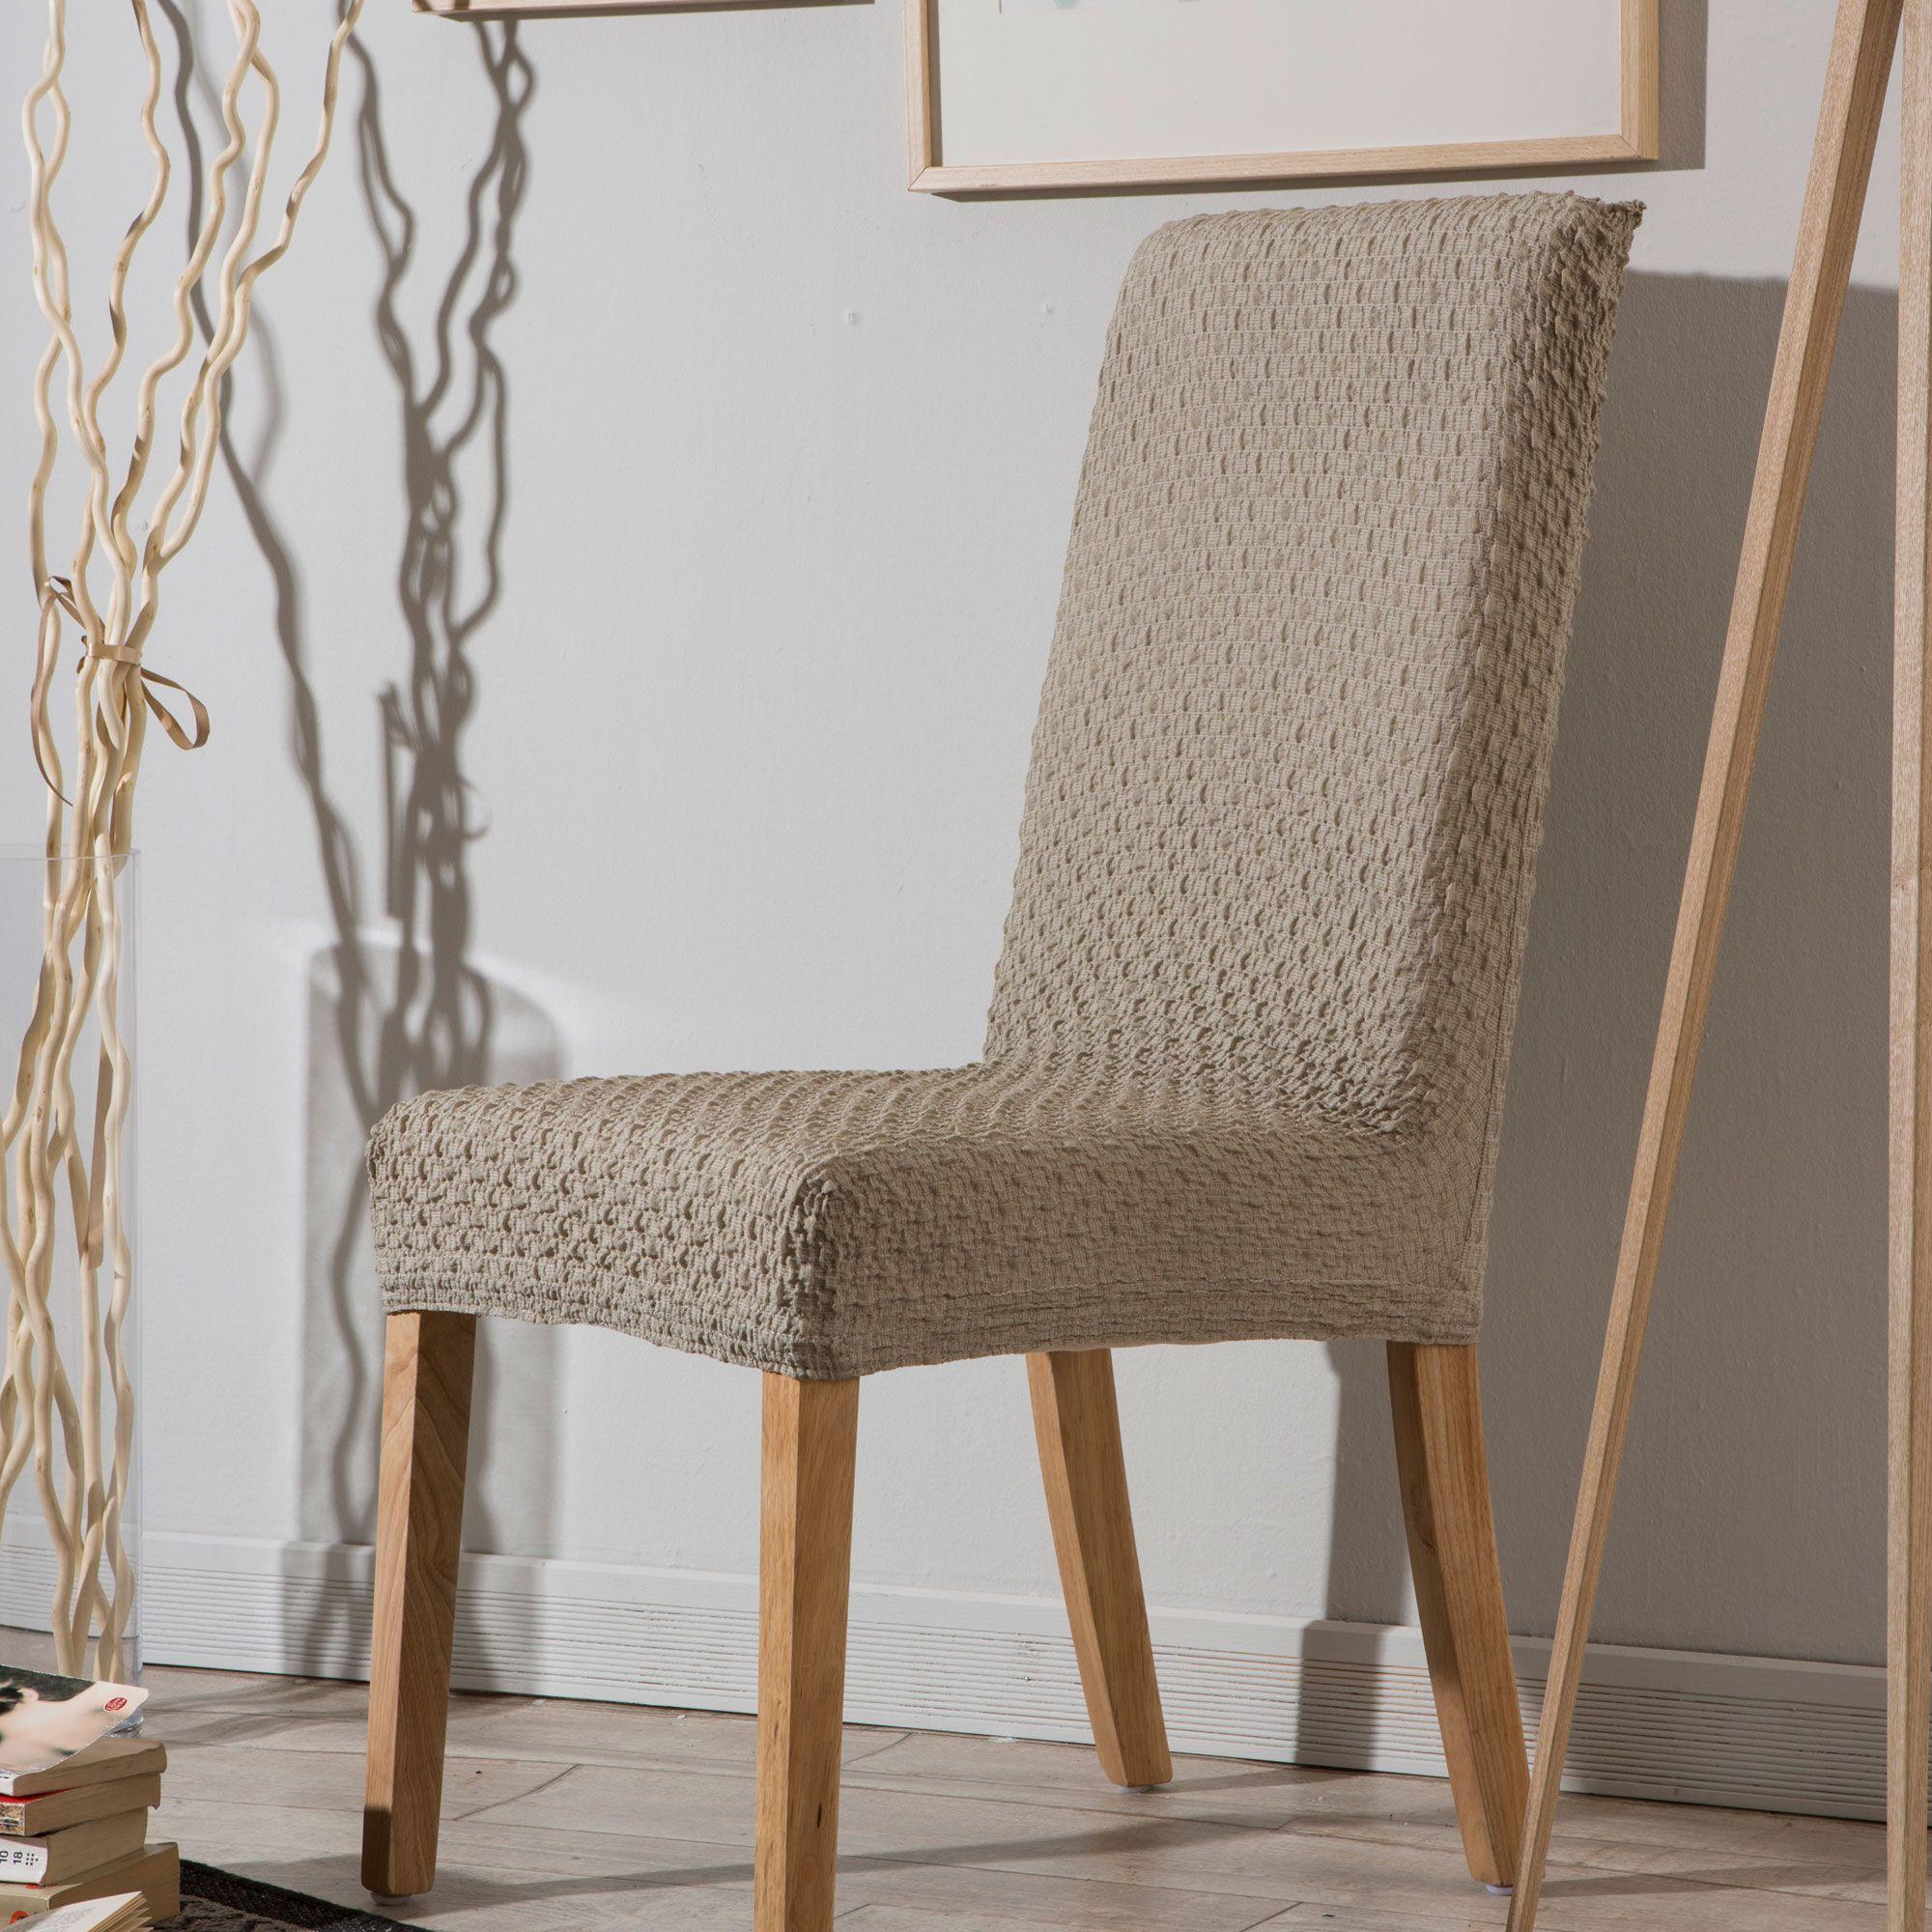 housse de chaise bi extensible unie effet gauffr beige. Black Bedroom Furniture Sets. Home Design Ideas